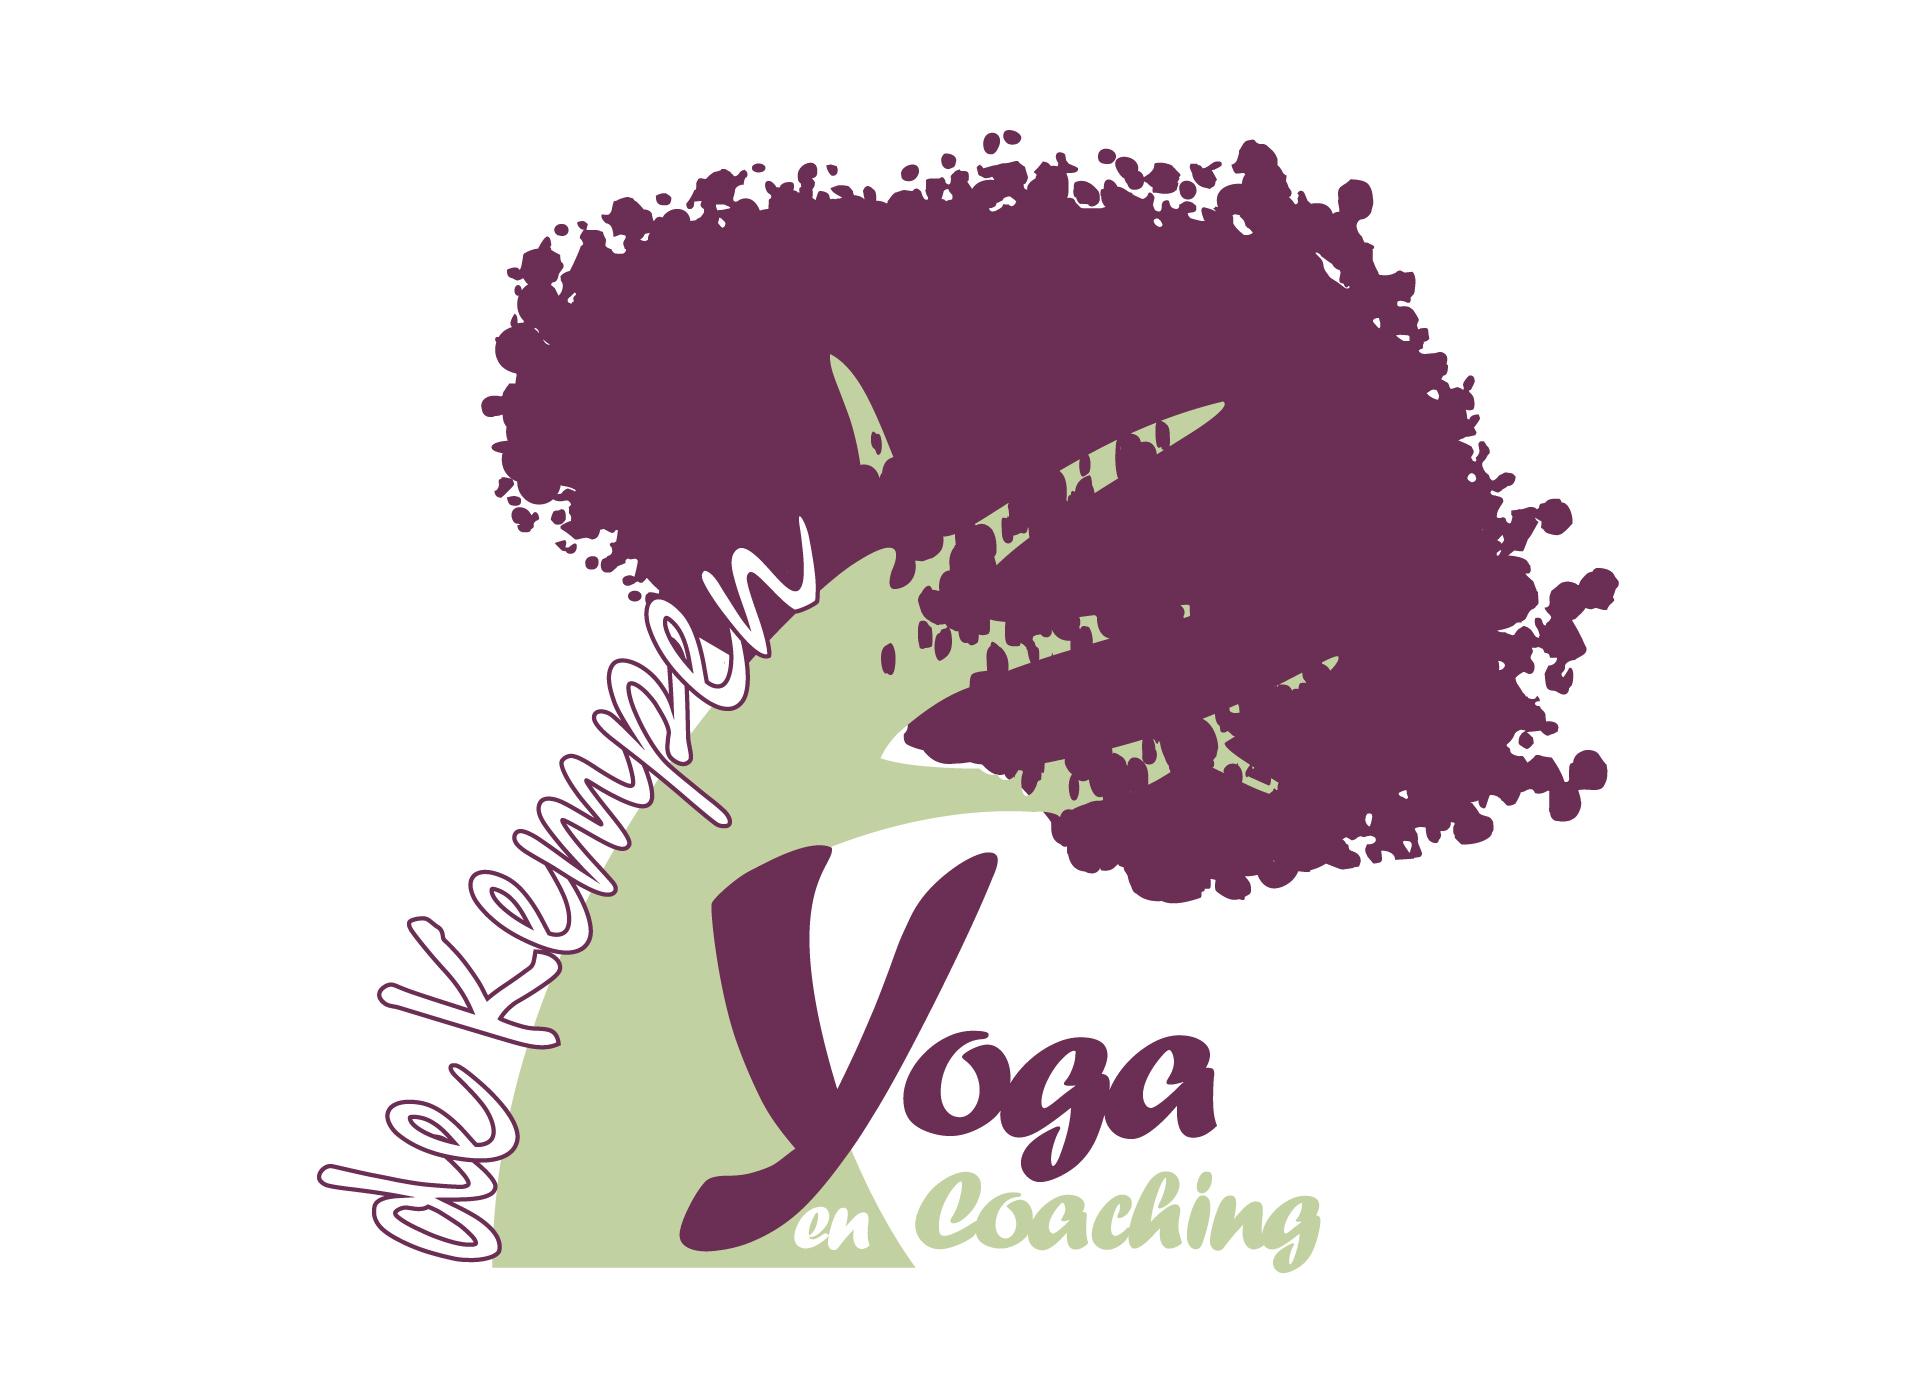 Yoga en coaching de Kempen